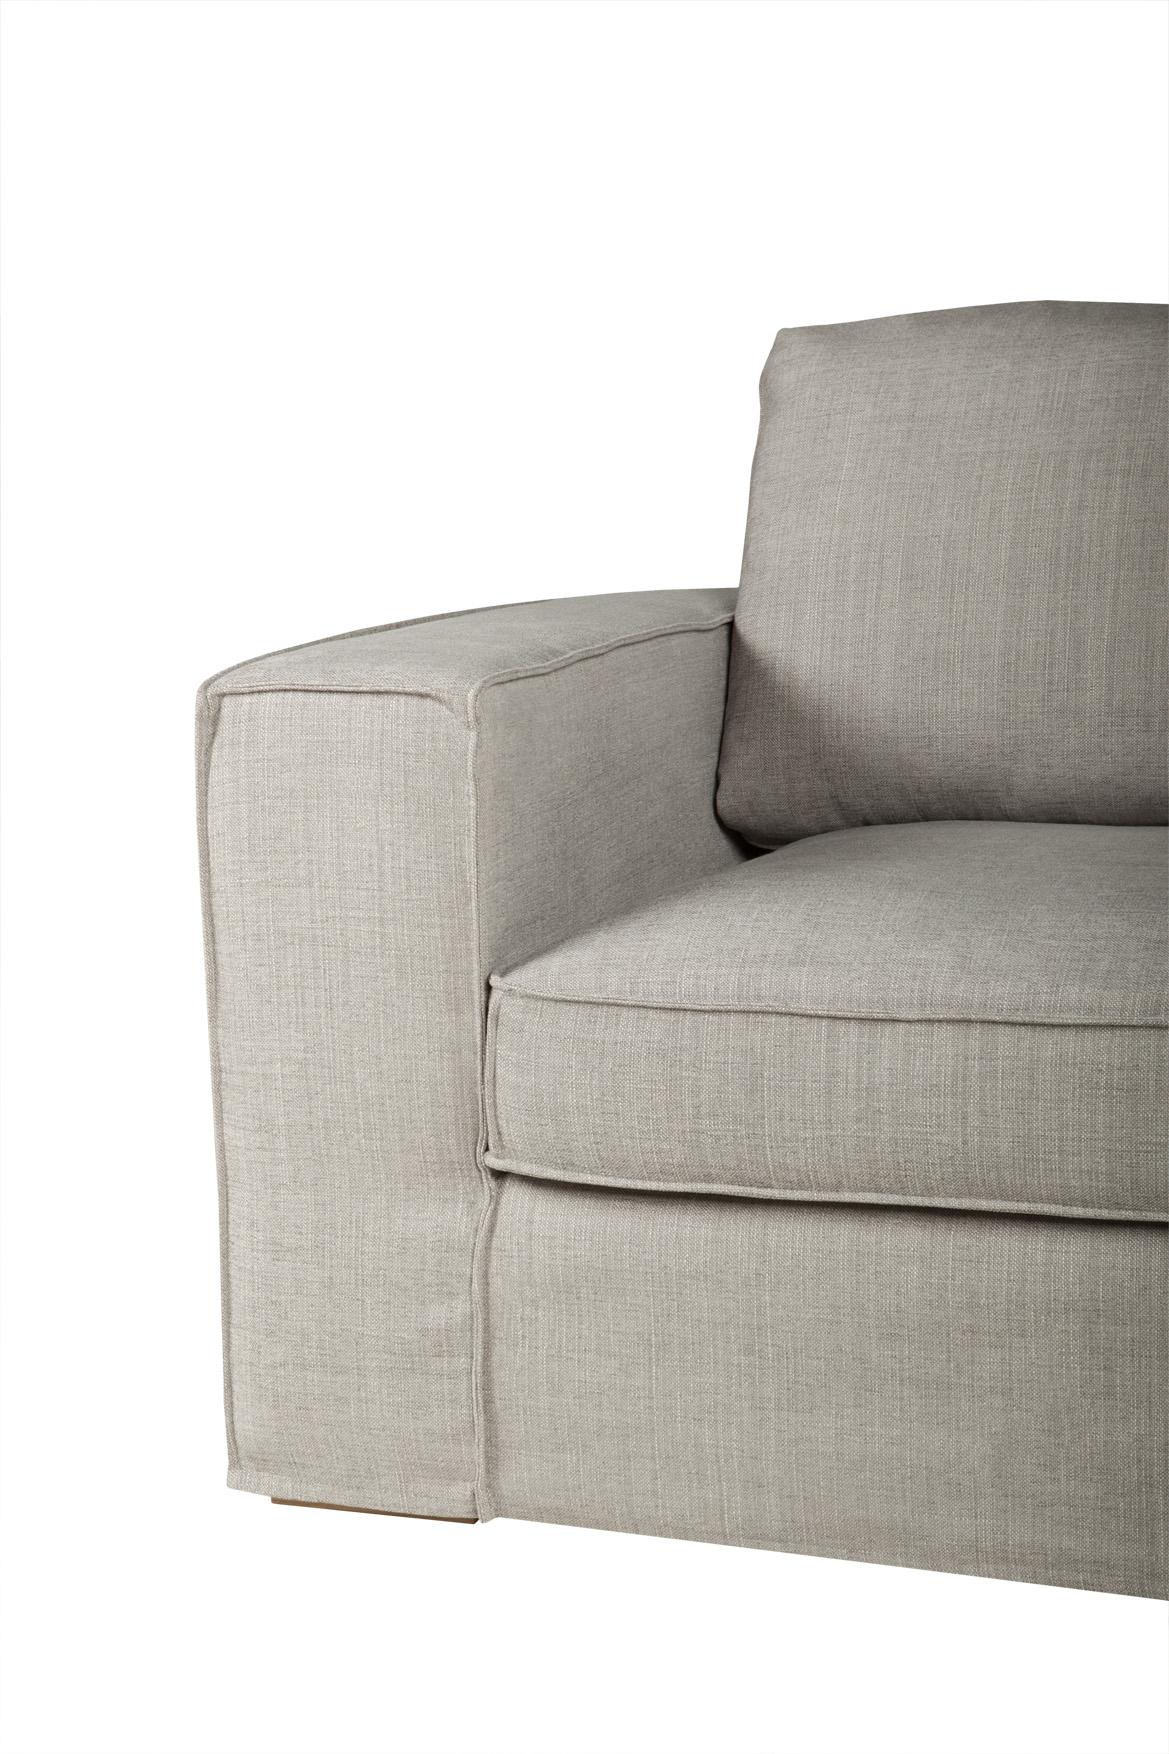 ABBE_armchair_mattis54_light_grey_5